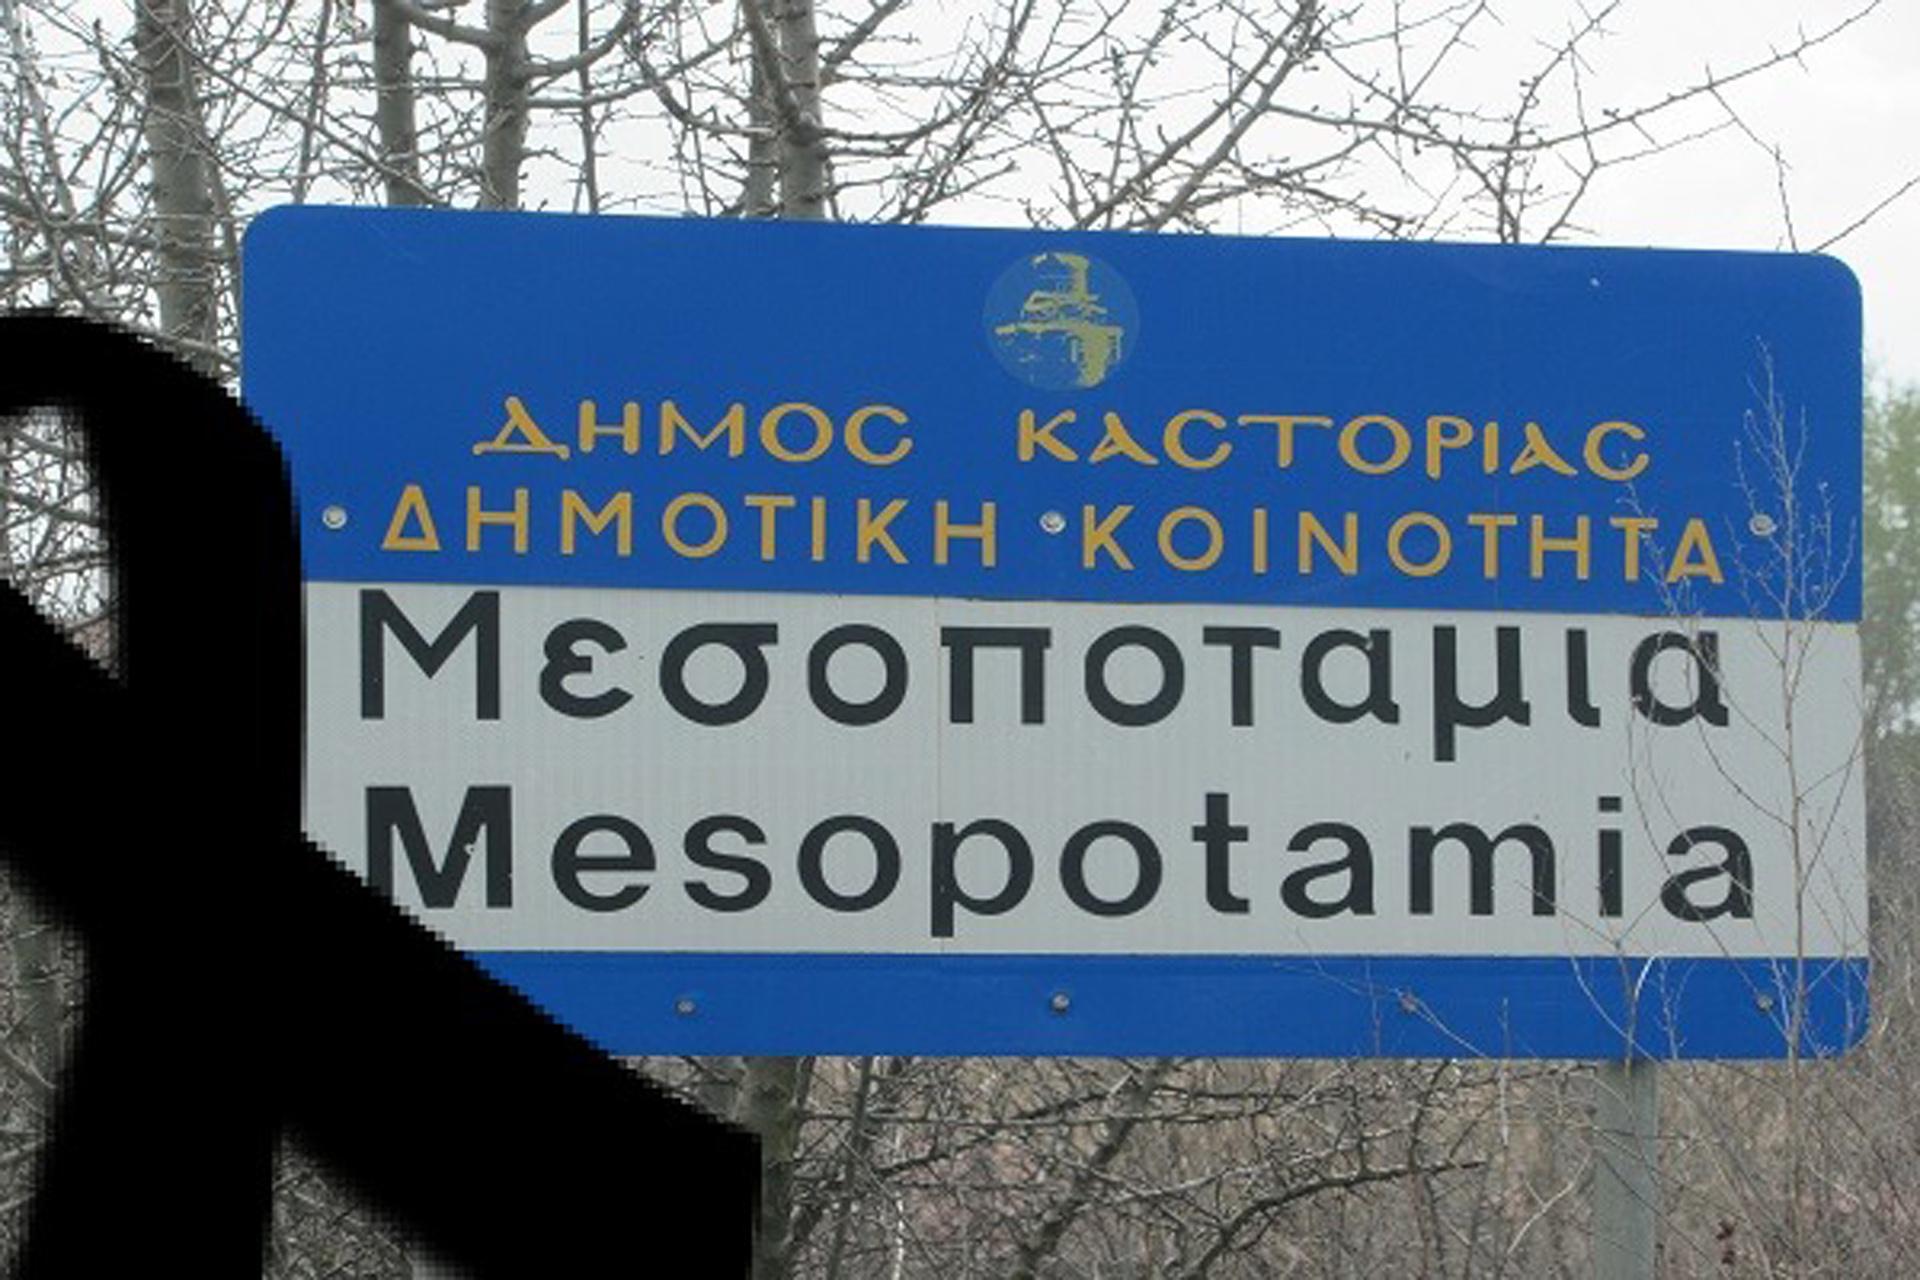 Και άλλος νεκρός από κορονοϊό στην Καστοριά – Νοσηλευόταν σε νοσοκομείο της Θεσσαλονίκης